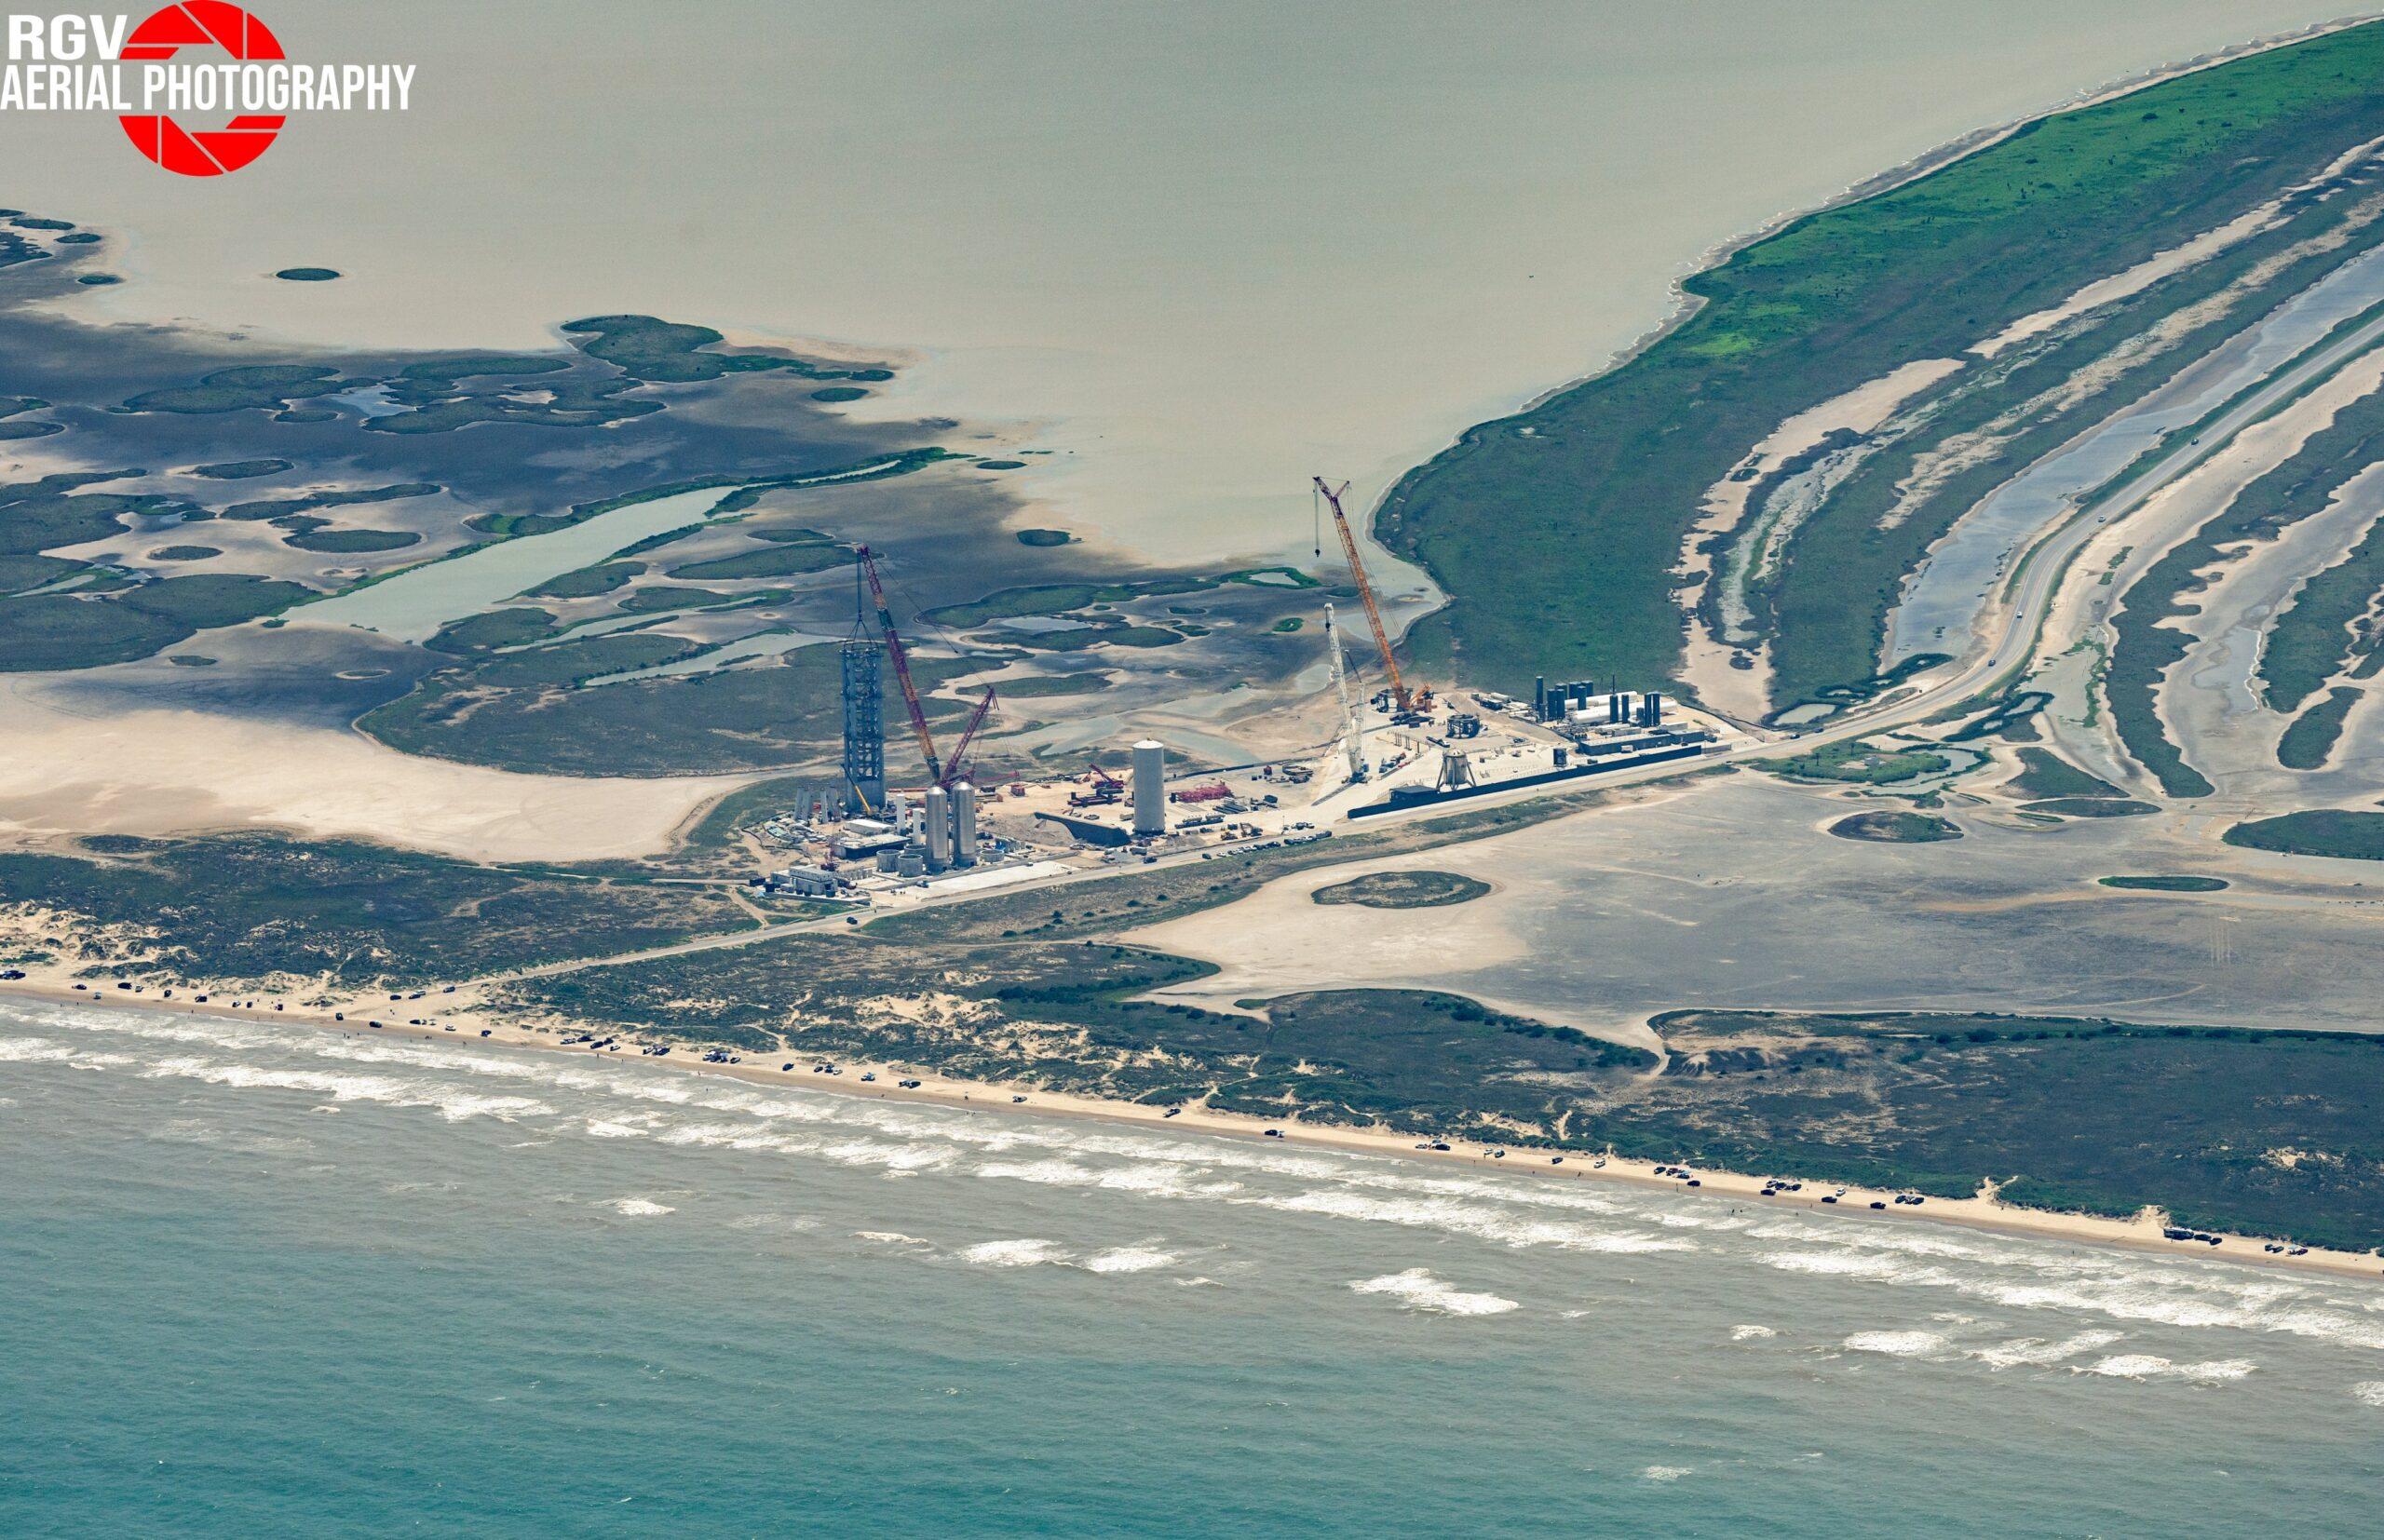 Starbase visto dall'alto con la torre di lancio in crescita. Credits: RGVAearialPhotography